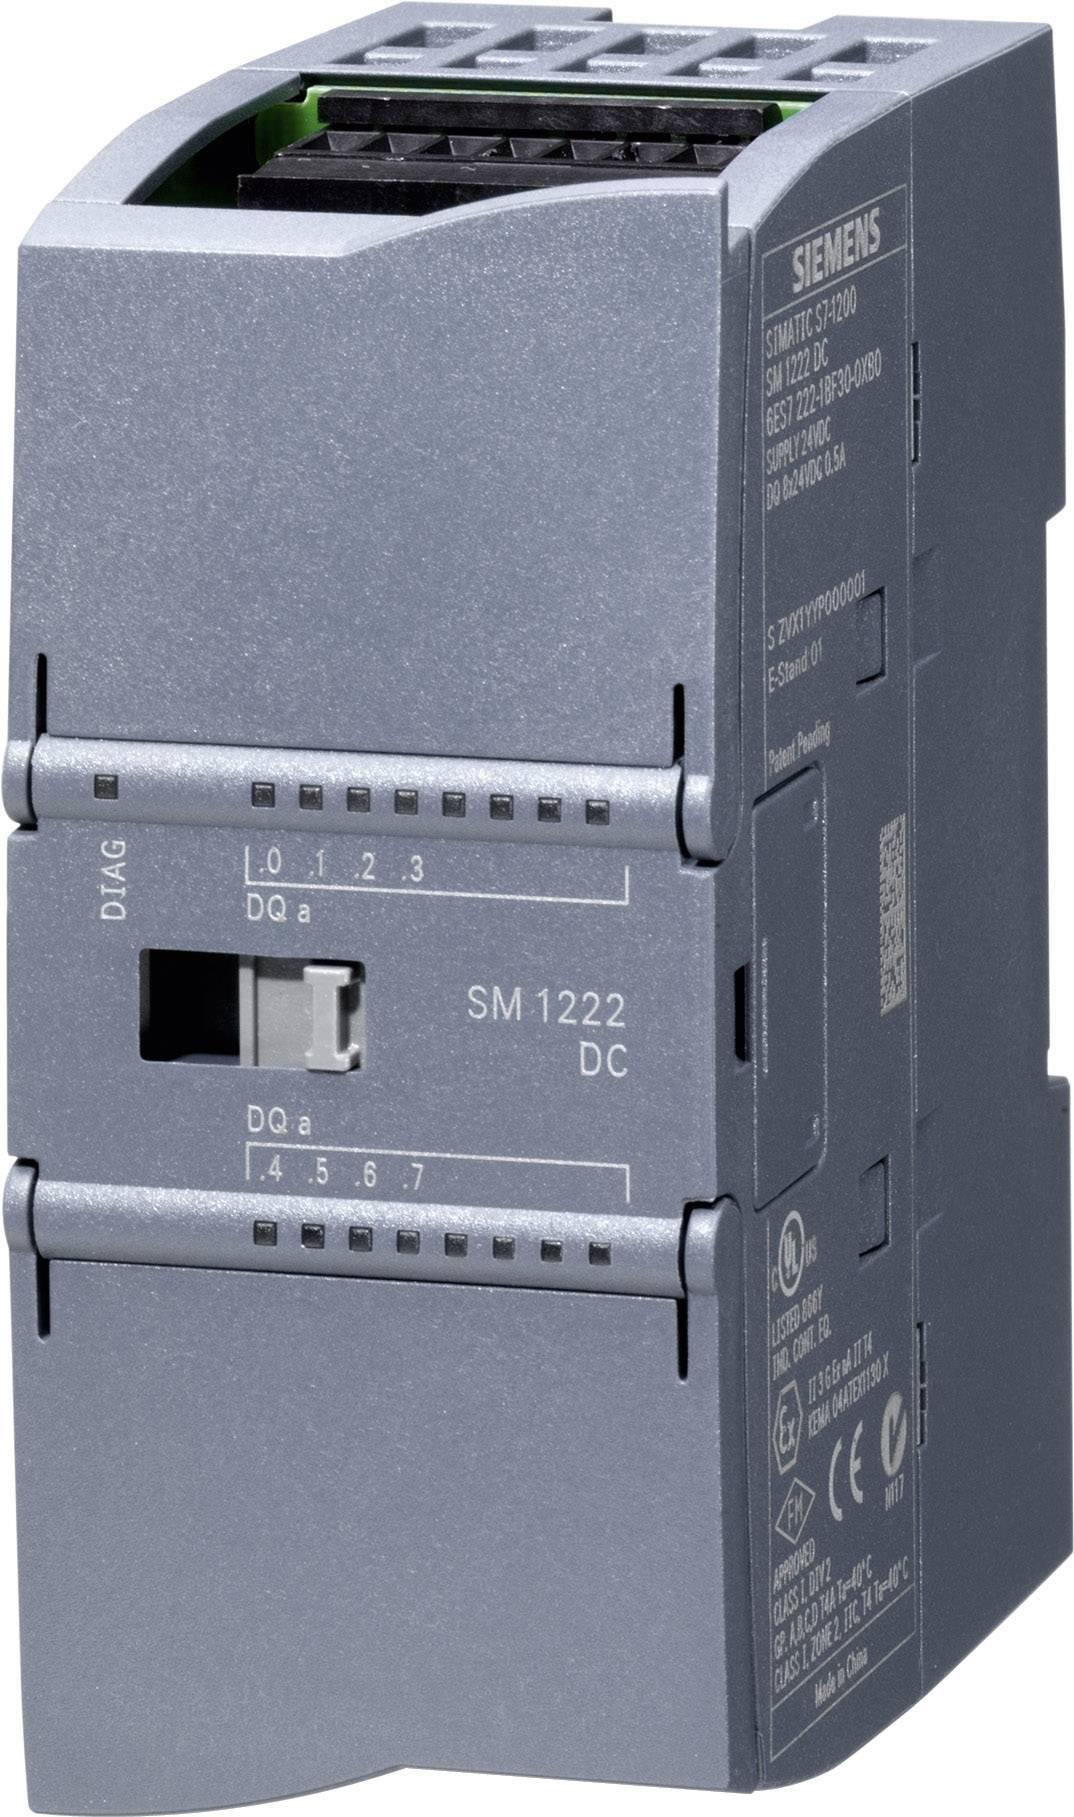 PLC rozširujúci modul Siemens SM 1222 6ES7222-1HF32-0XB0